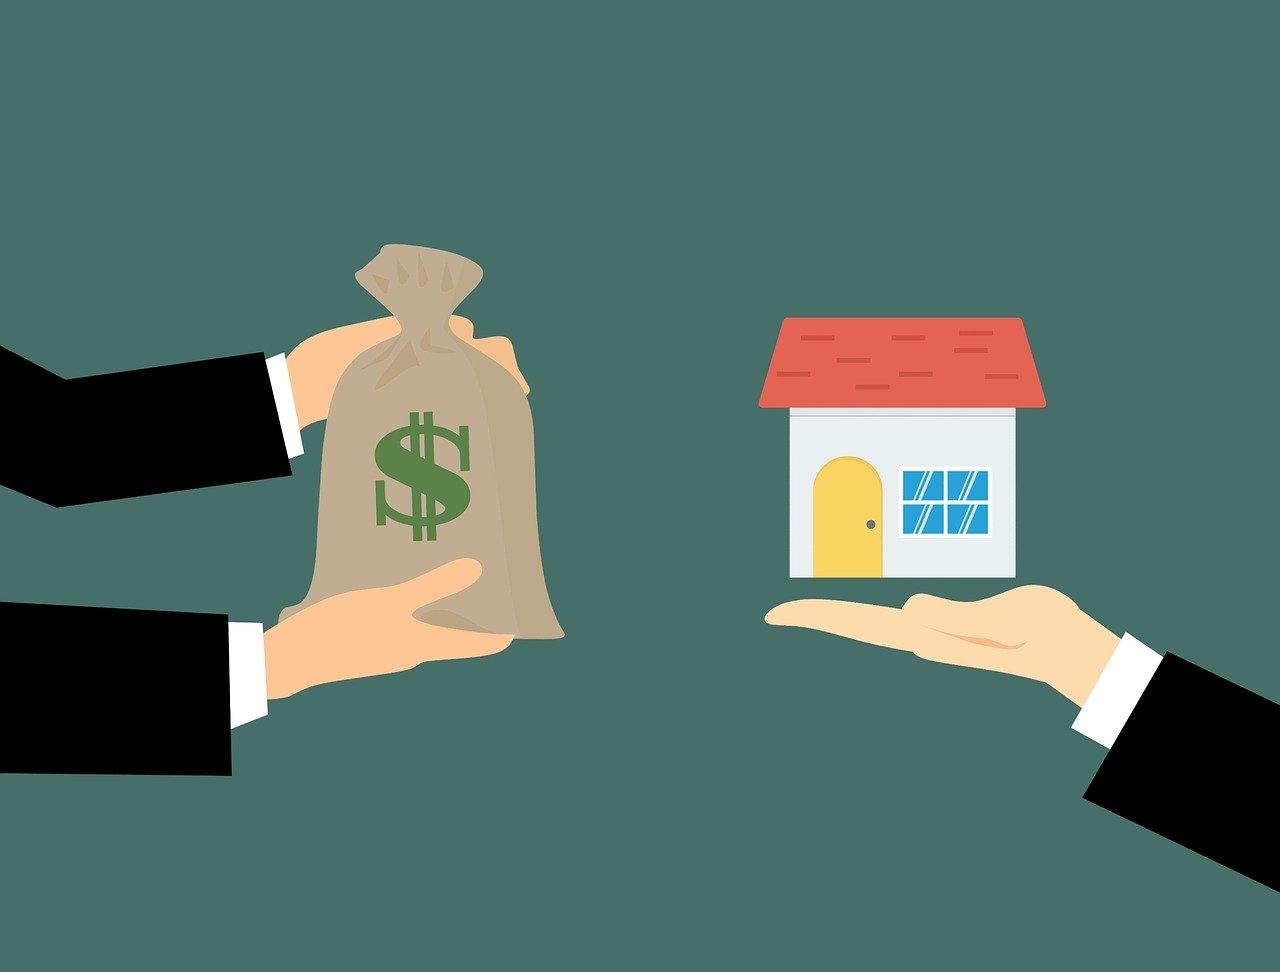 Recht: Neues Maklerrecht - Änderungen zur Verteilung der Maklerkosten